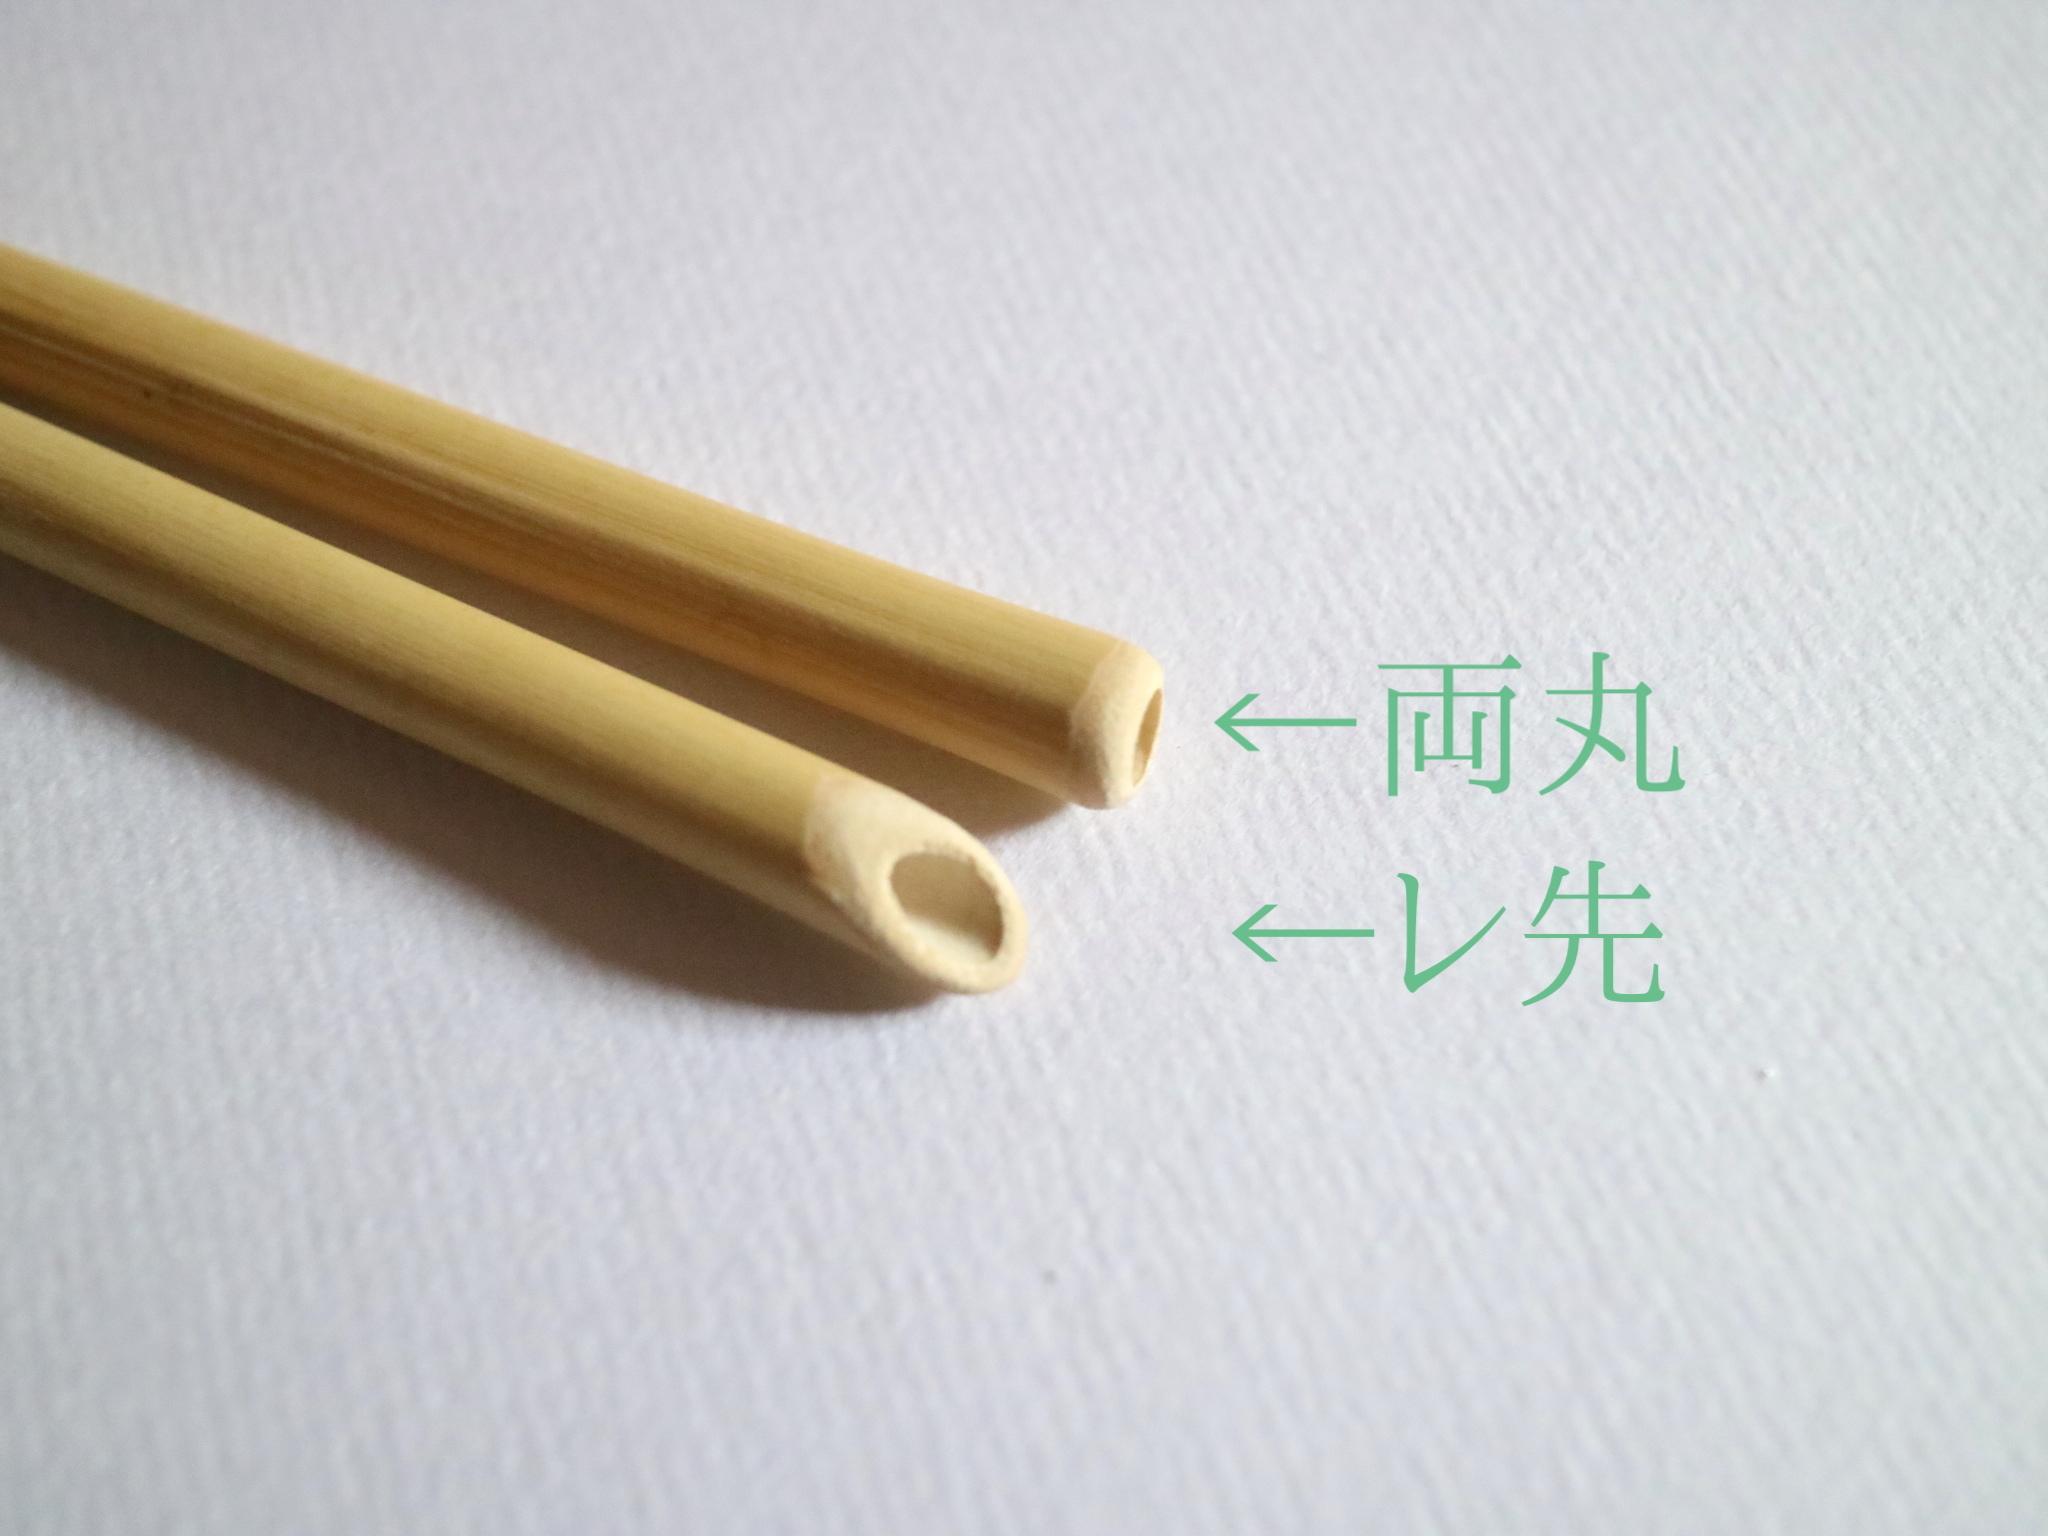 子供竹ストロー15cm_両丸(2本とブラシセット)